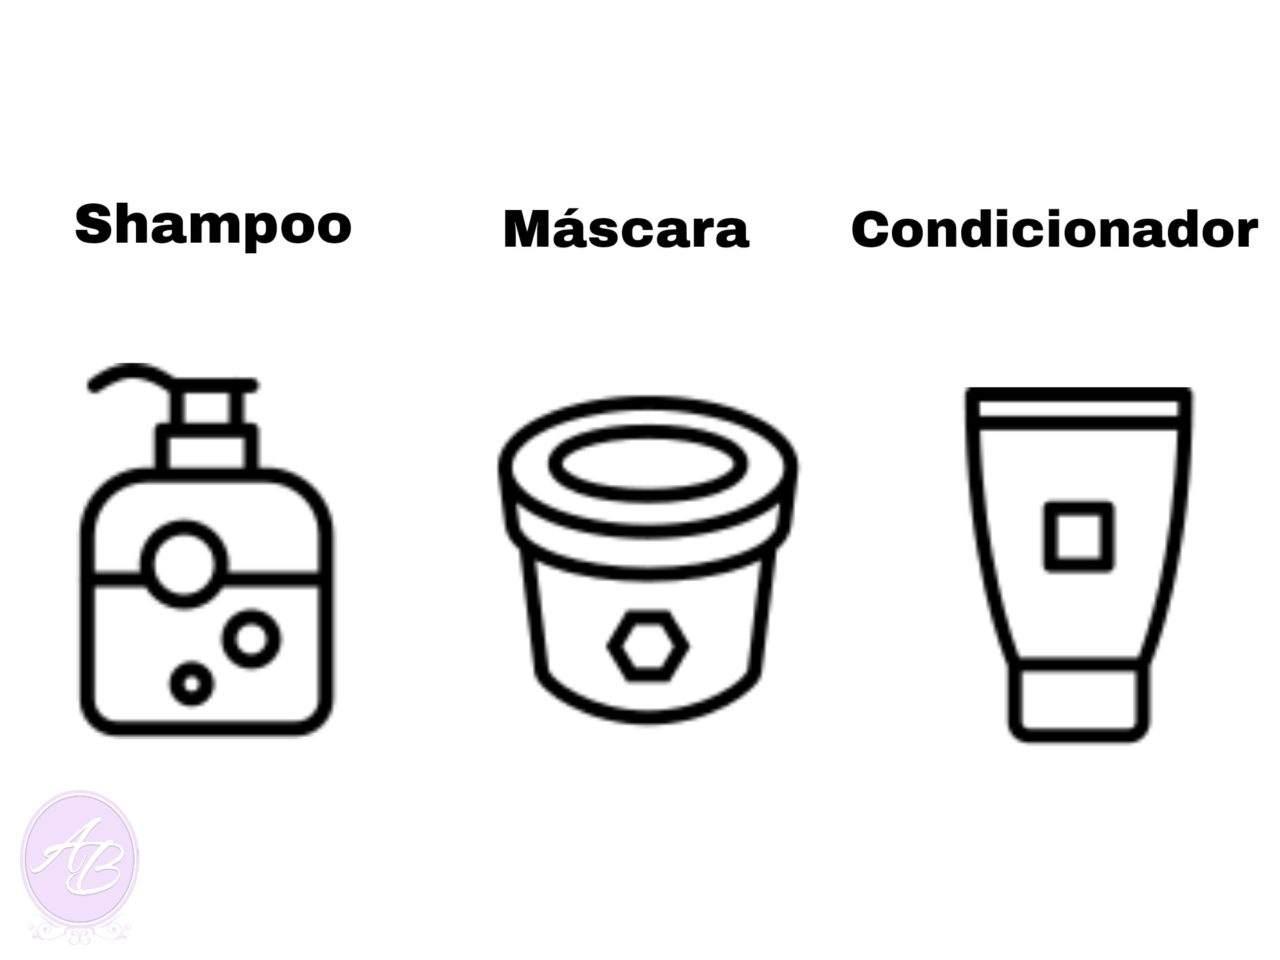 Ordem Correta dos Produtos